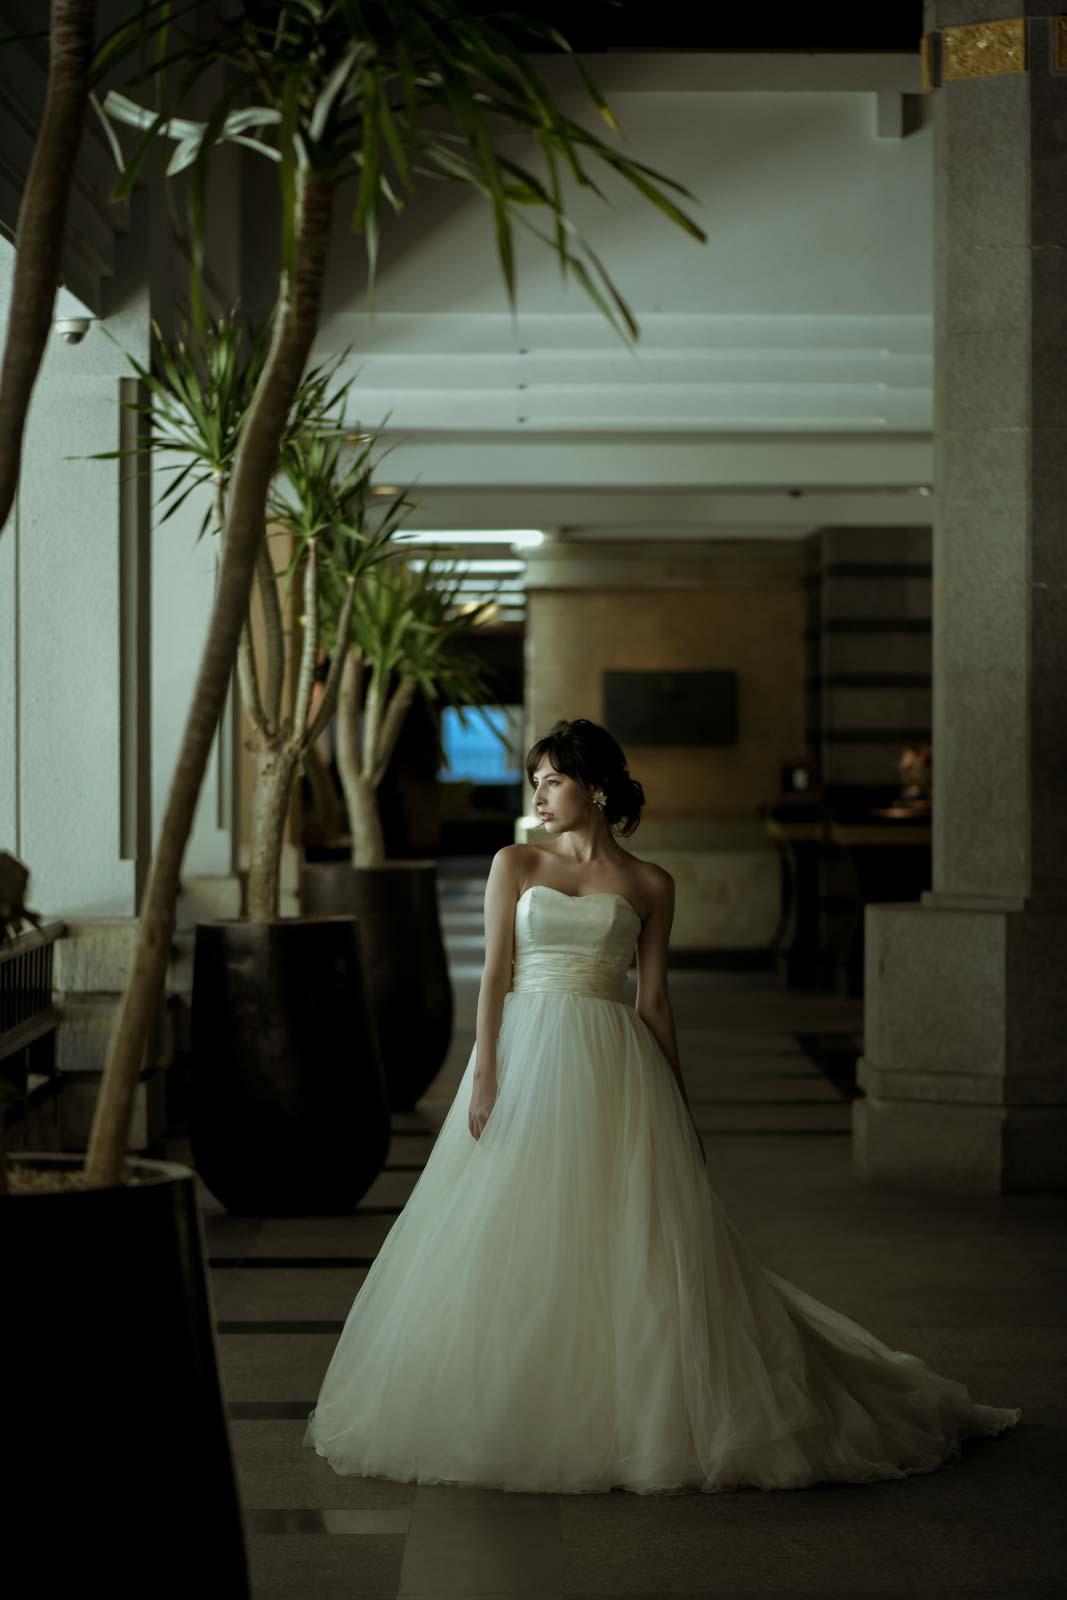 ロビーで外を眺める花嫁の立ち姿